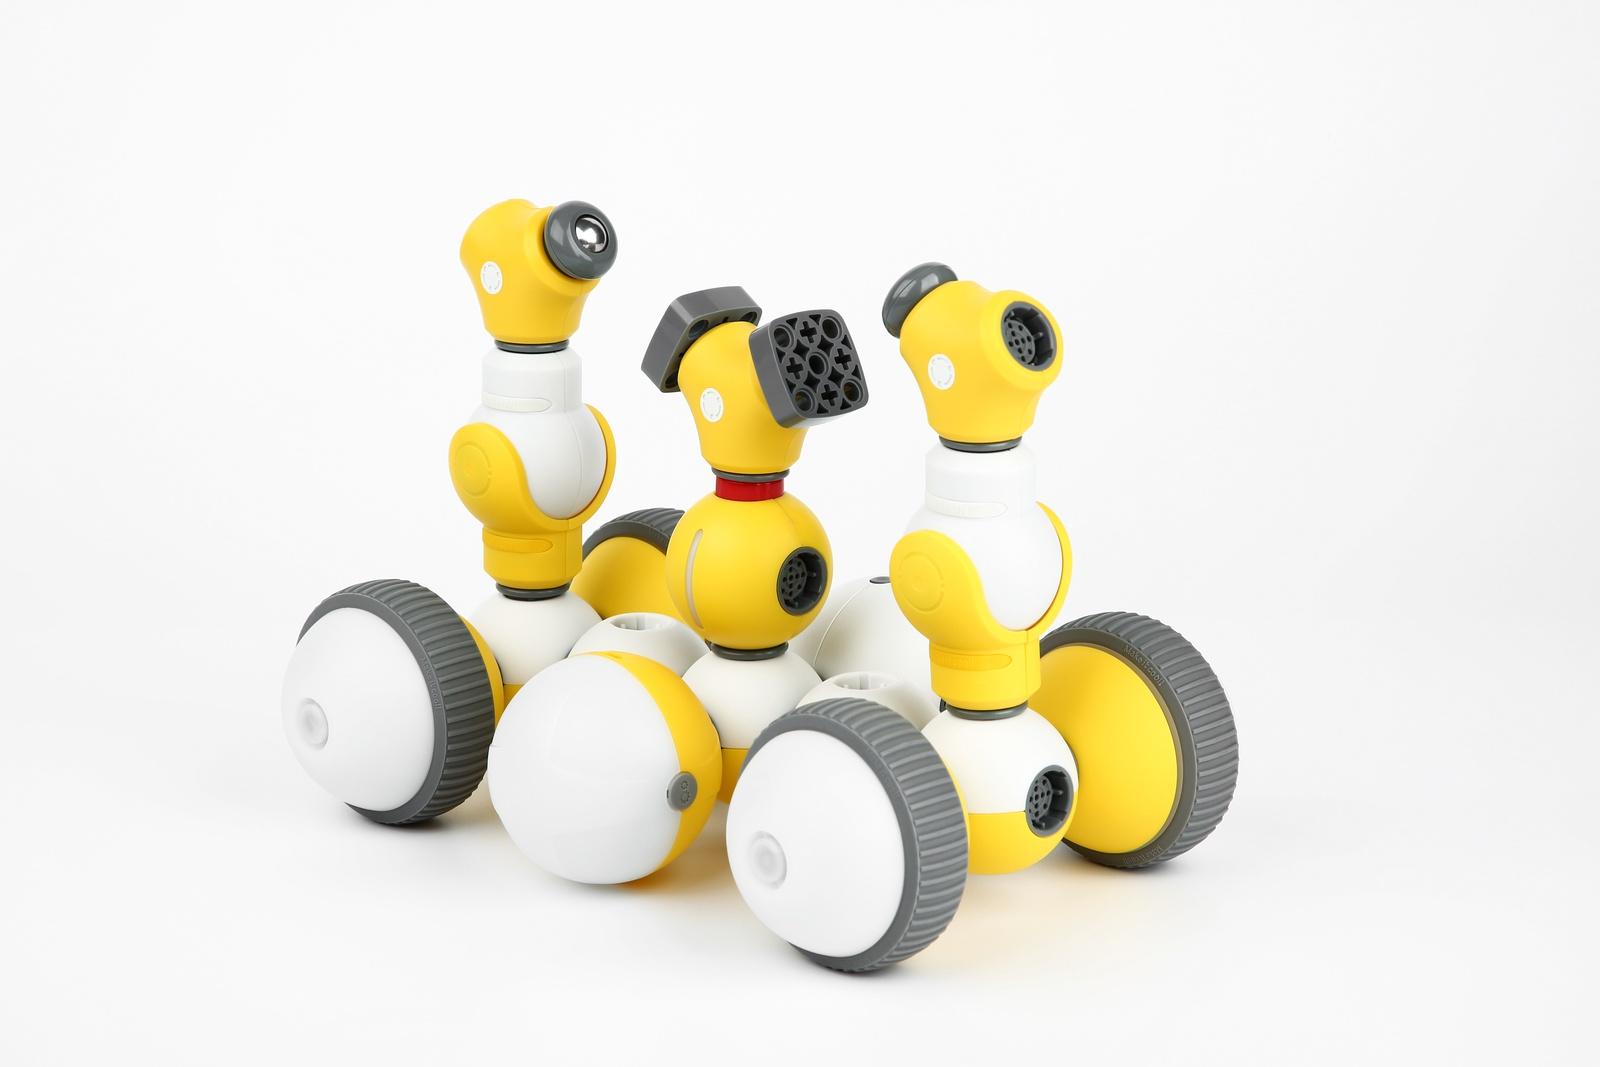 Программируемый робот Bell Robot Детский конструктор-робот Mabot C, желтый, белый Детский конструктор-робот C (Deluxe Kit). Бесконечные возможности...